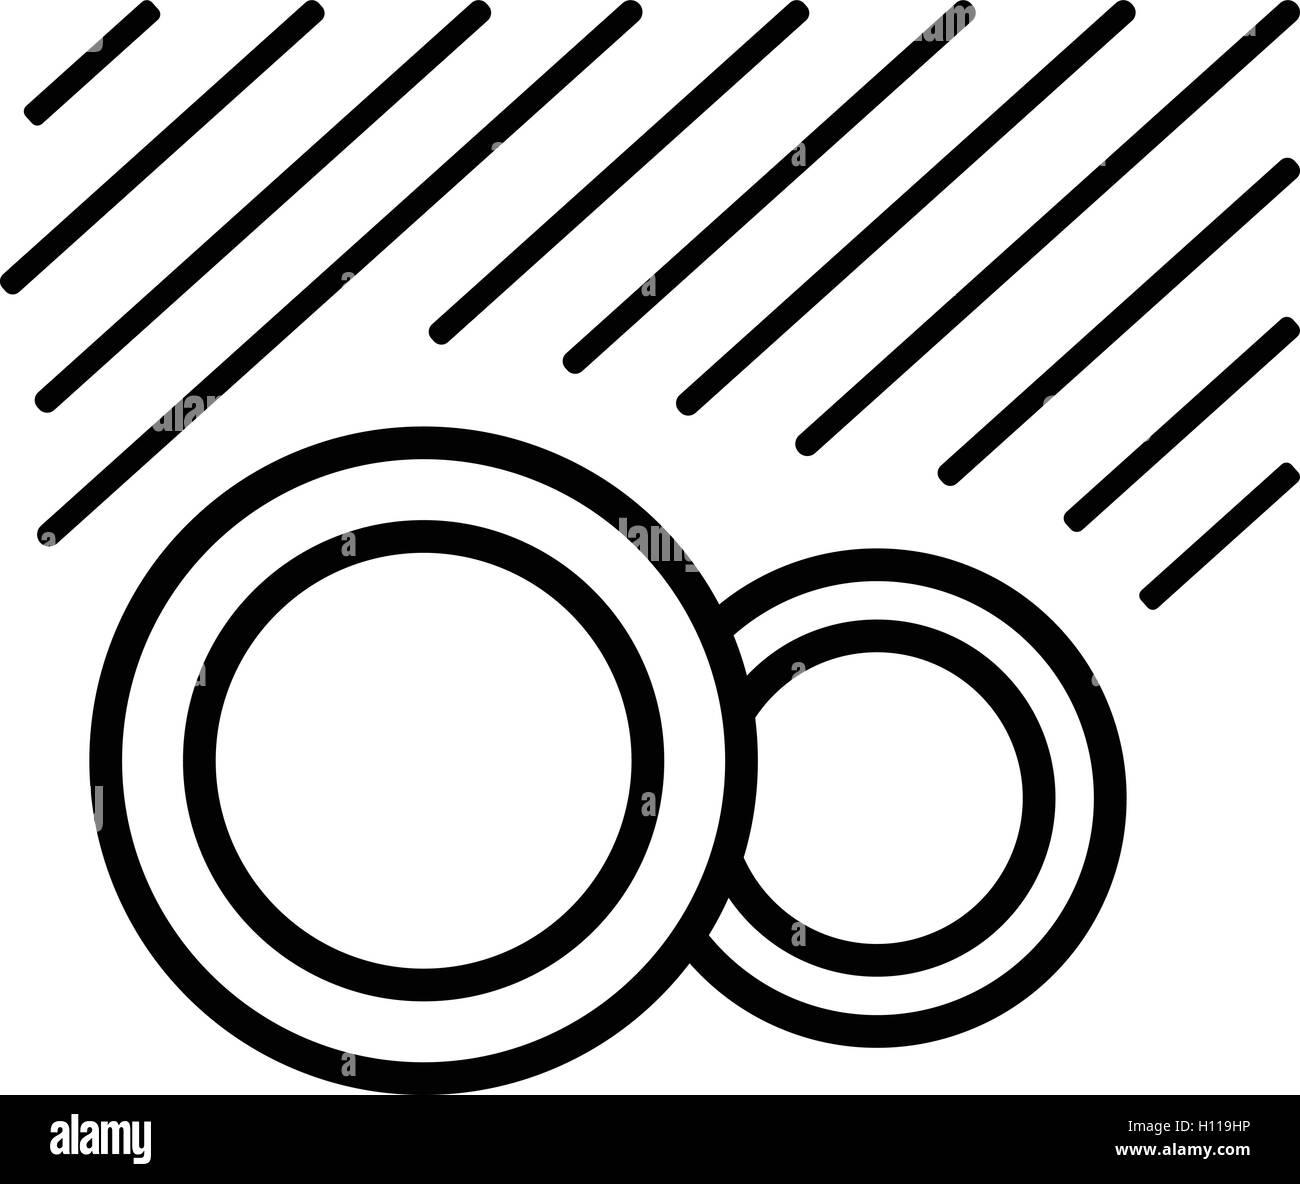 Dishwasher Black And White Stock Photos Images Alamy